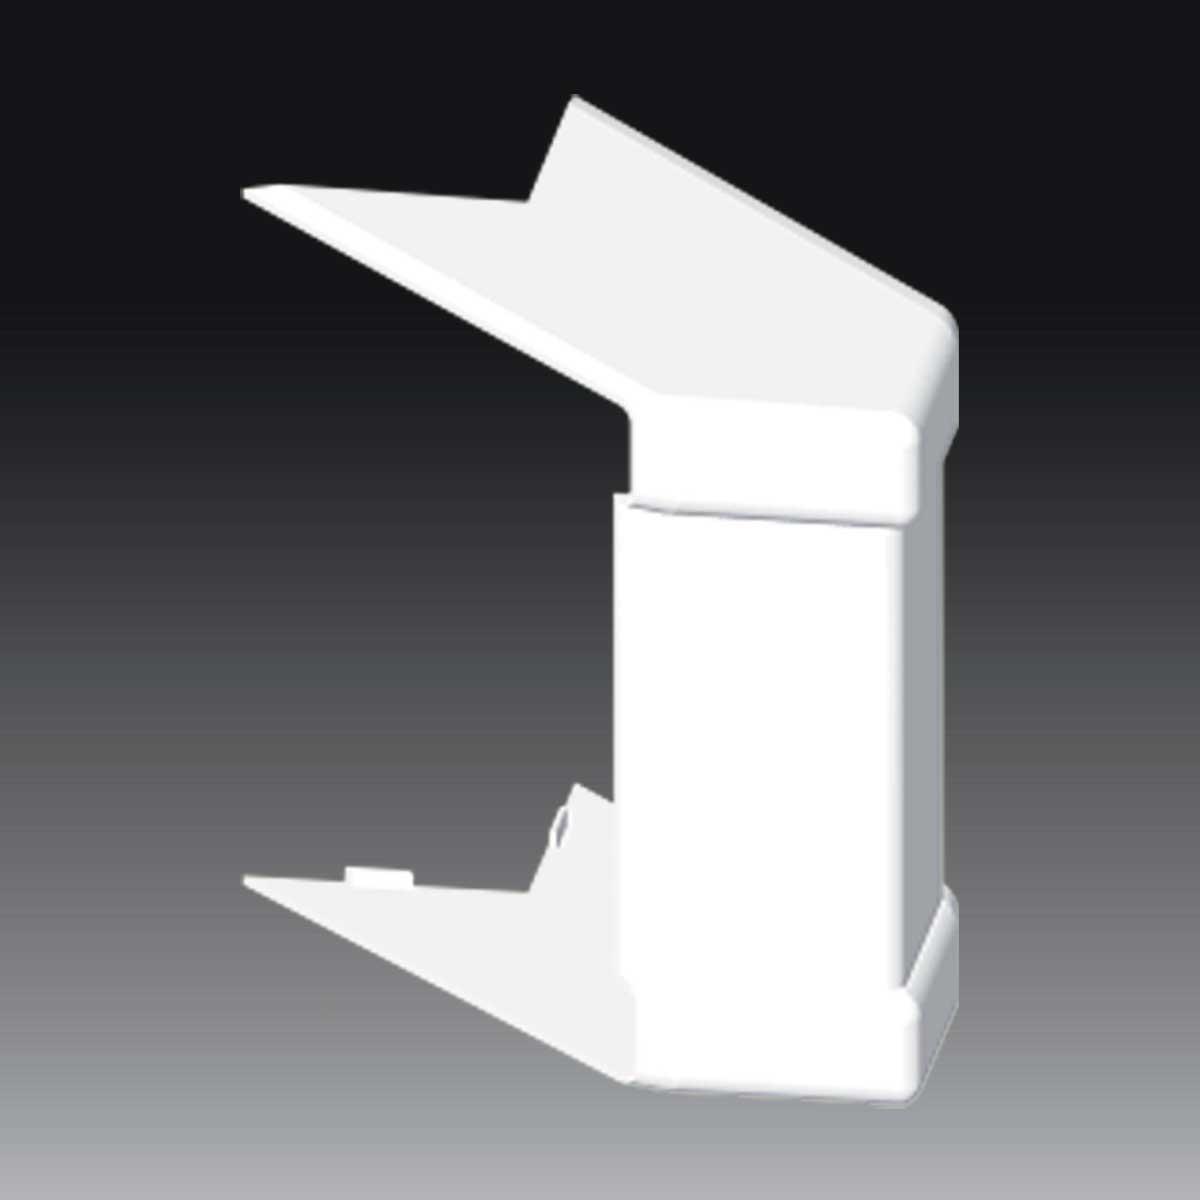 Кут зовнішній для PK 110х70 D ; Серія PK; ПВХ